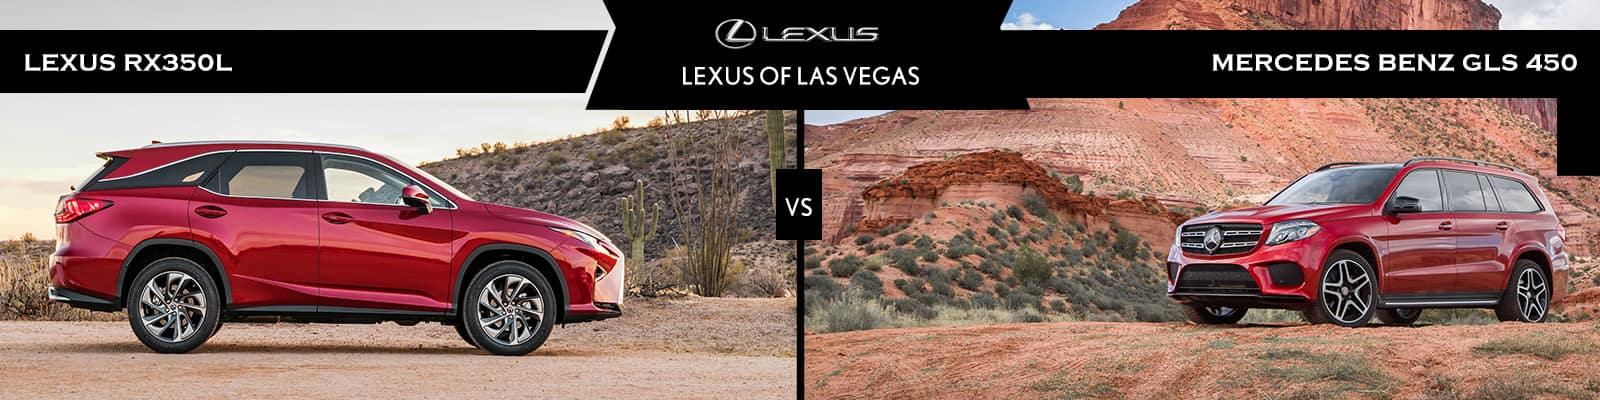 Lexus RX 350L vs Mercedes-Benz GLS